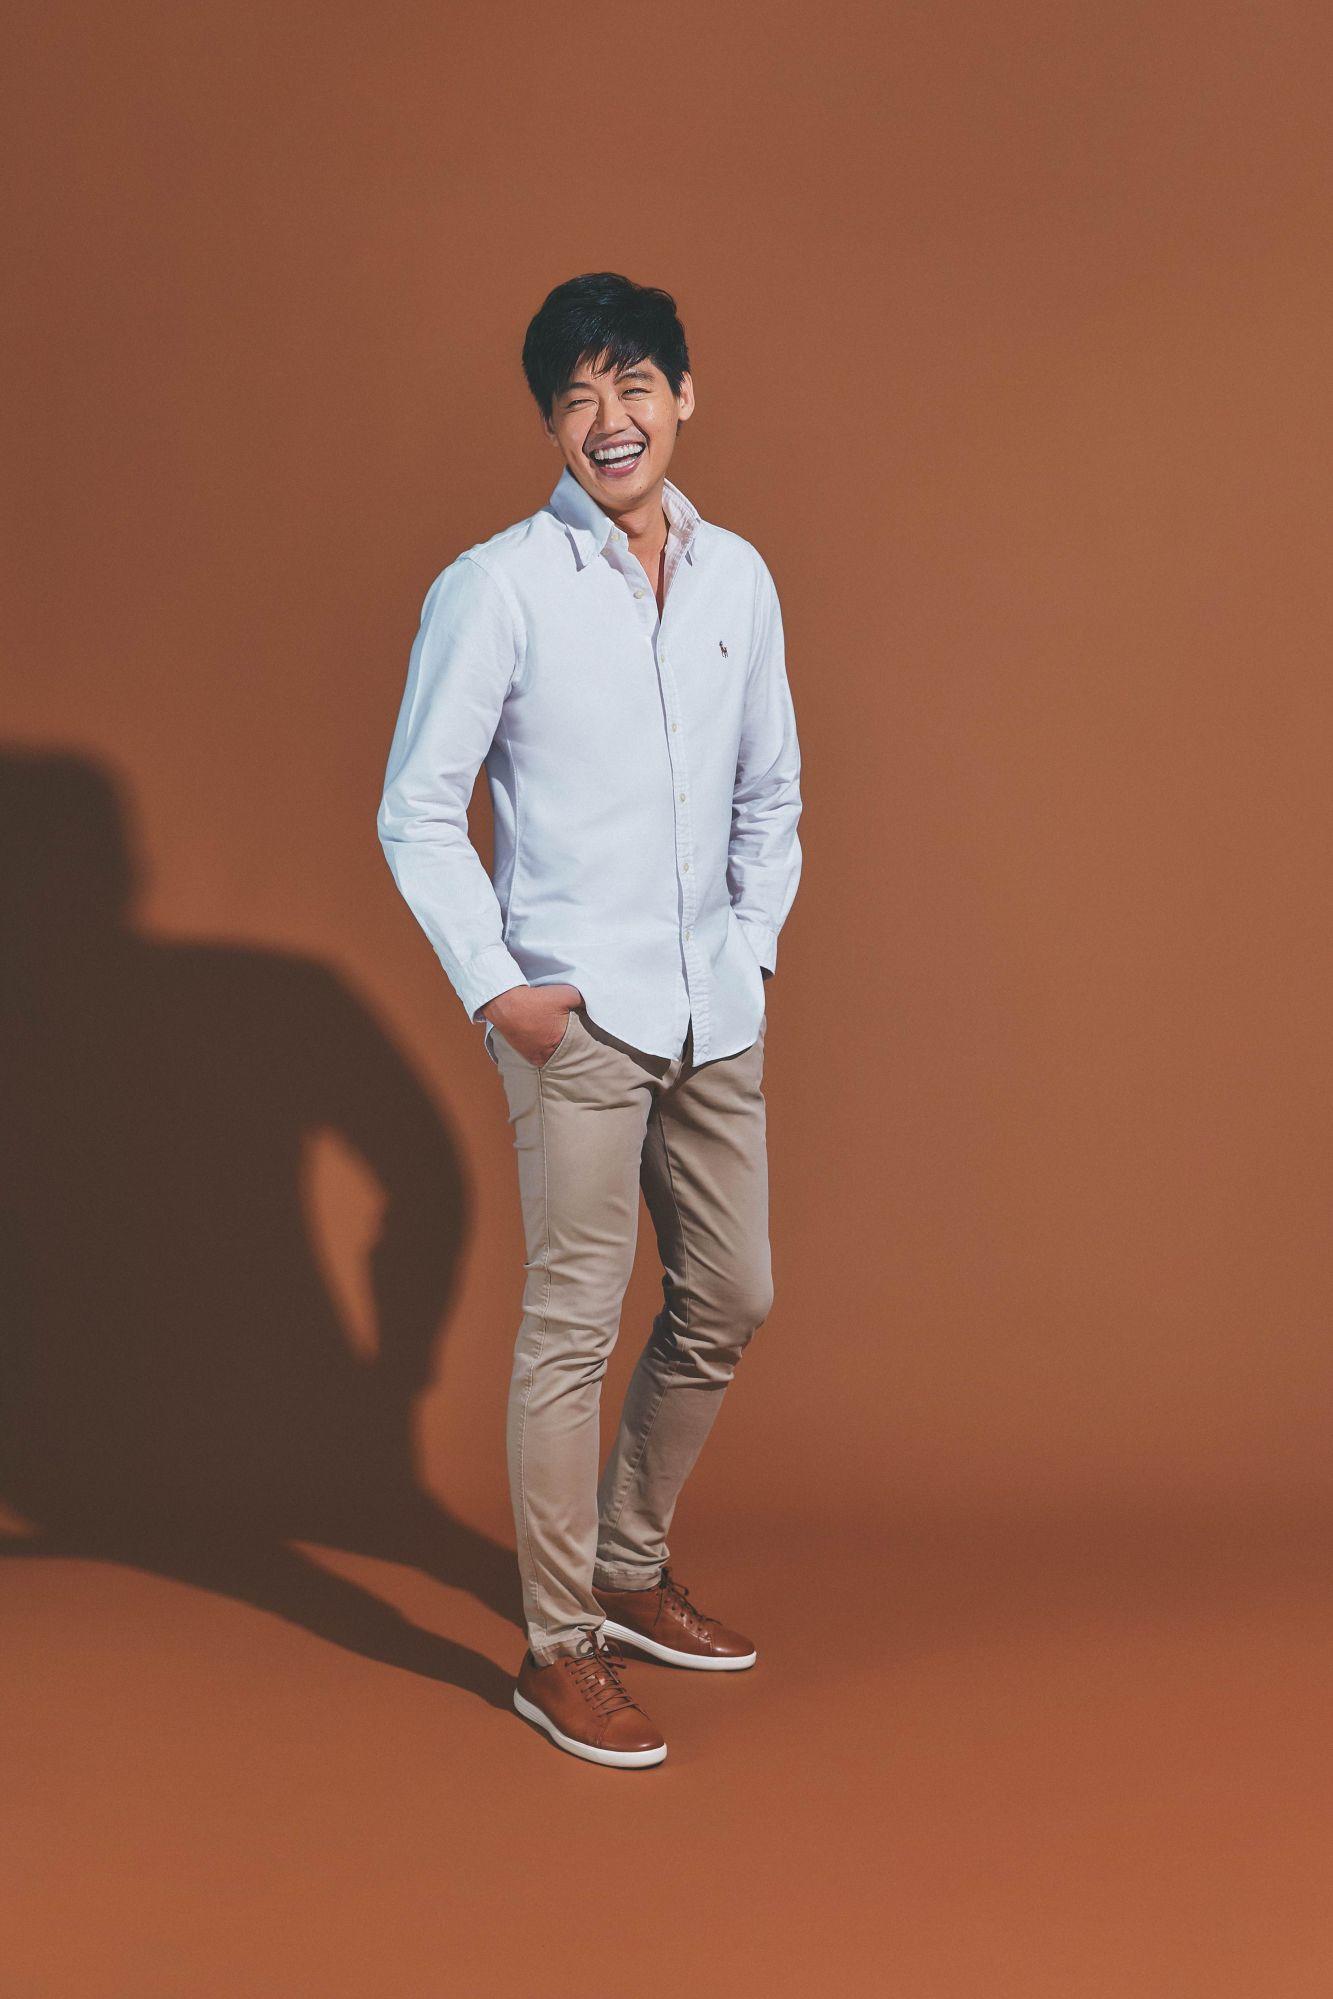 Lim Wai Mun